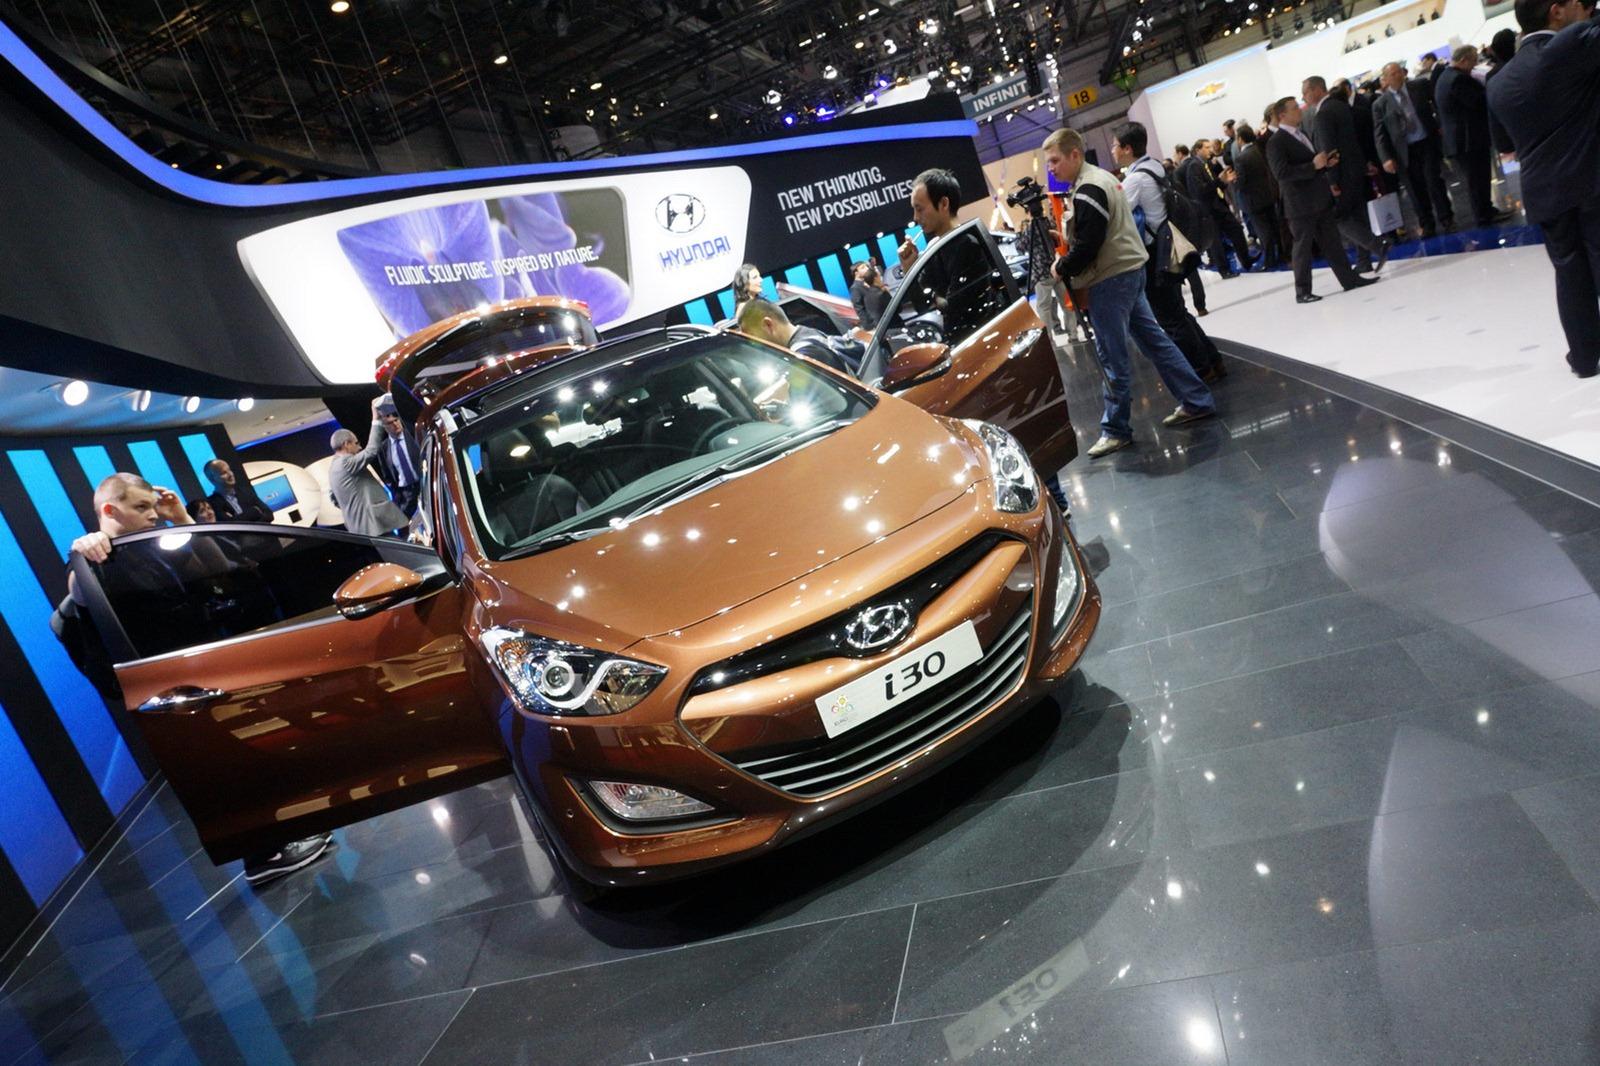 Luxury Car Hyundai I30 Wagon 2013 Scion Frs Fuse Box